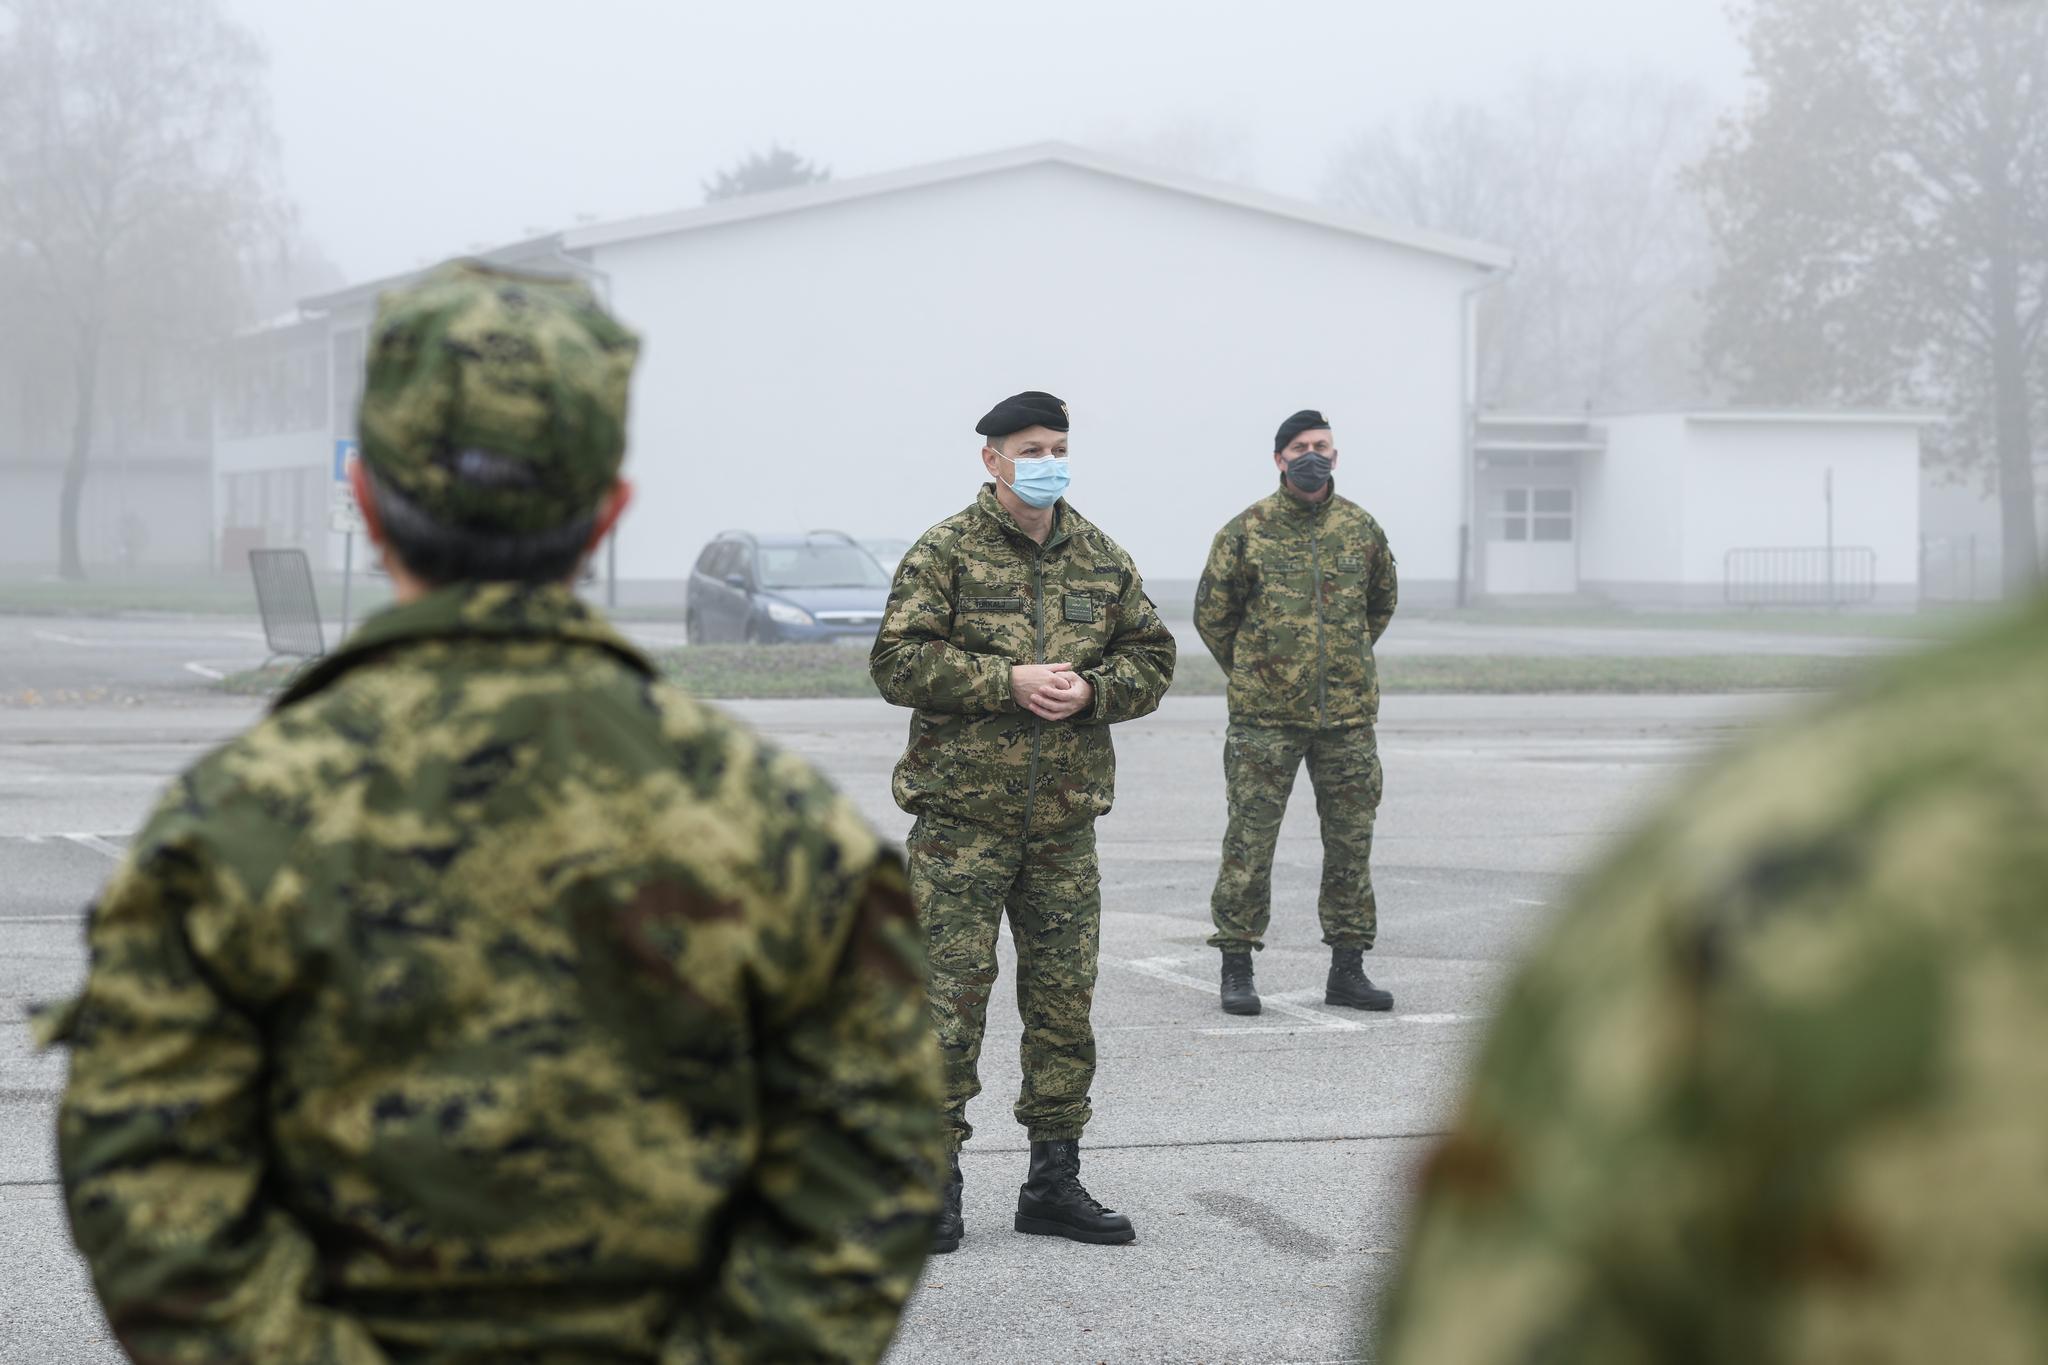 Ispraćen 34. hrvatski kontinegnt u NATO operaciju KFOR na Kosovu